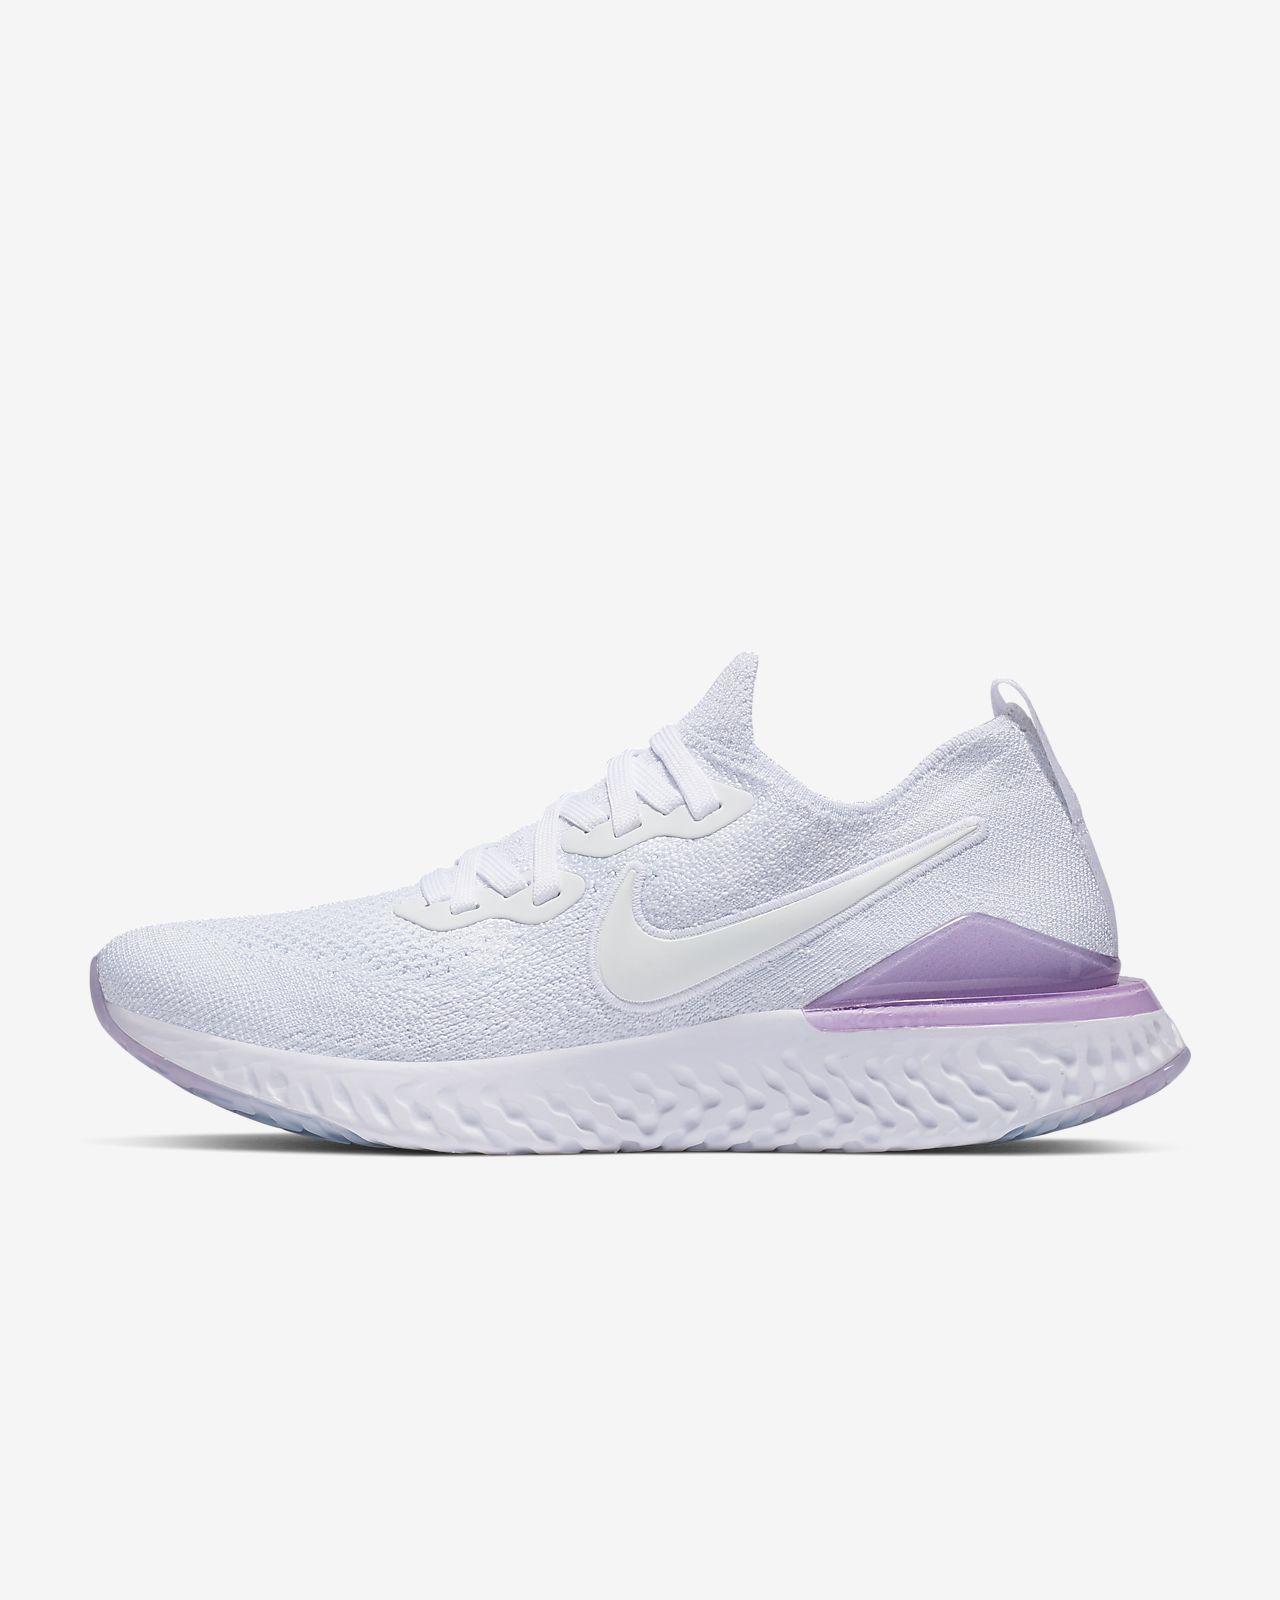 sale retailer 505c9 7a974 ... Löparsko Nike Epic React Flyknit 2 för kvinnor